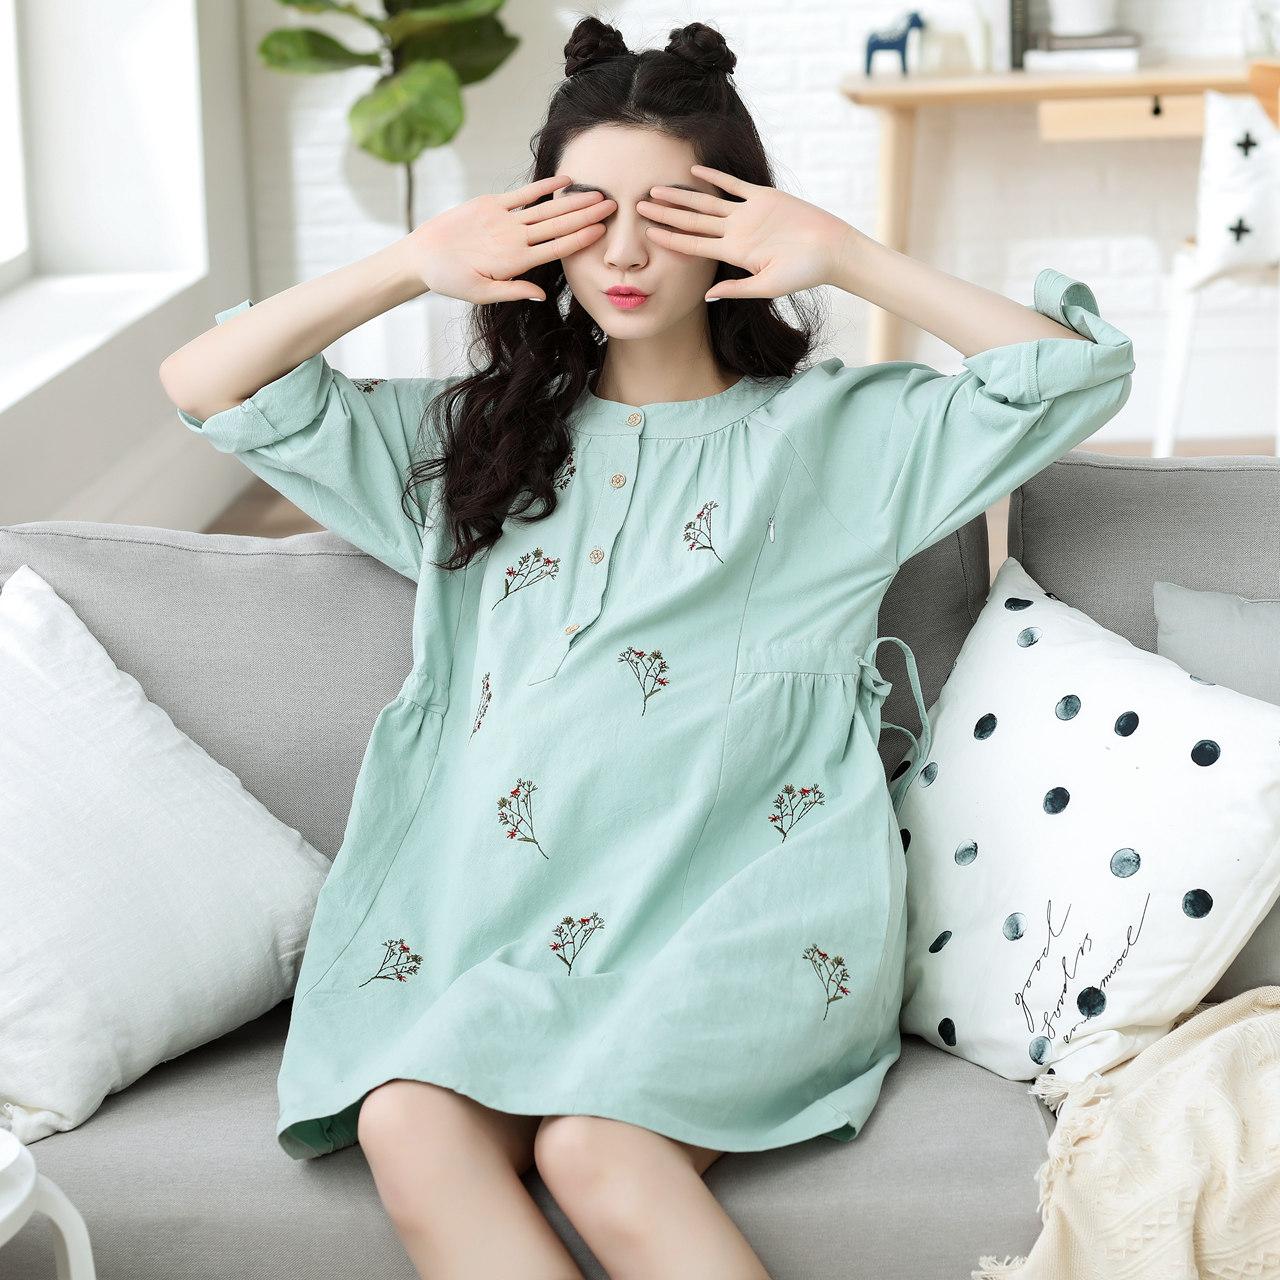 可愛孕婦睡衣純棉性感睡裙女長袖卡通 薄款長裙全棉家居服